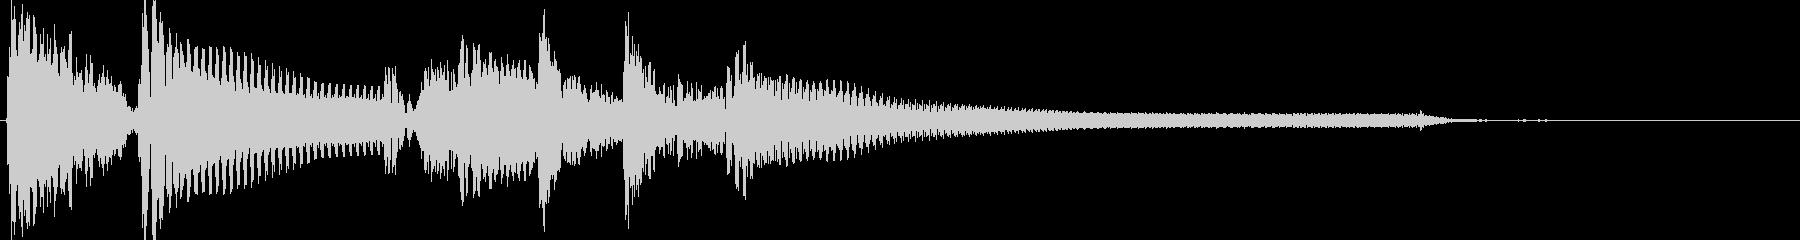 ウッドベース切り替え場面ジングルの未再生の波形